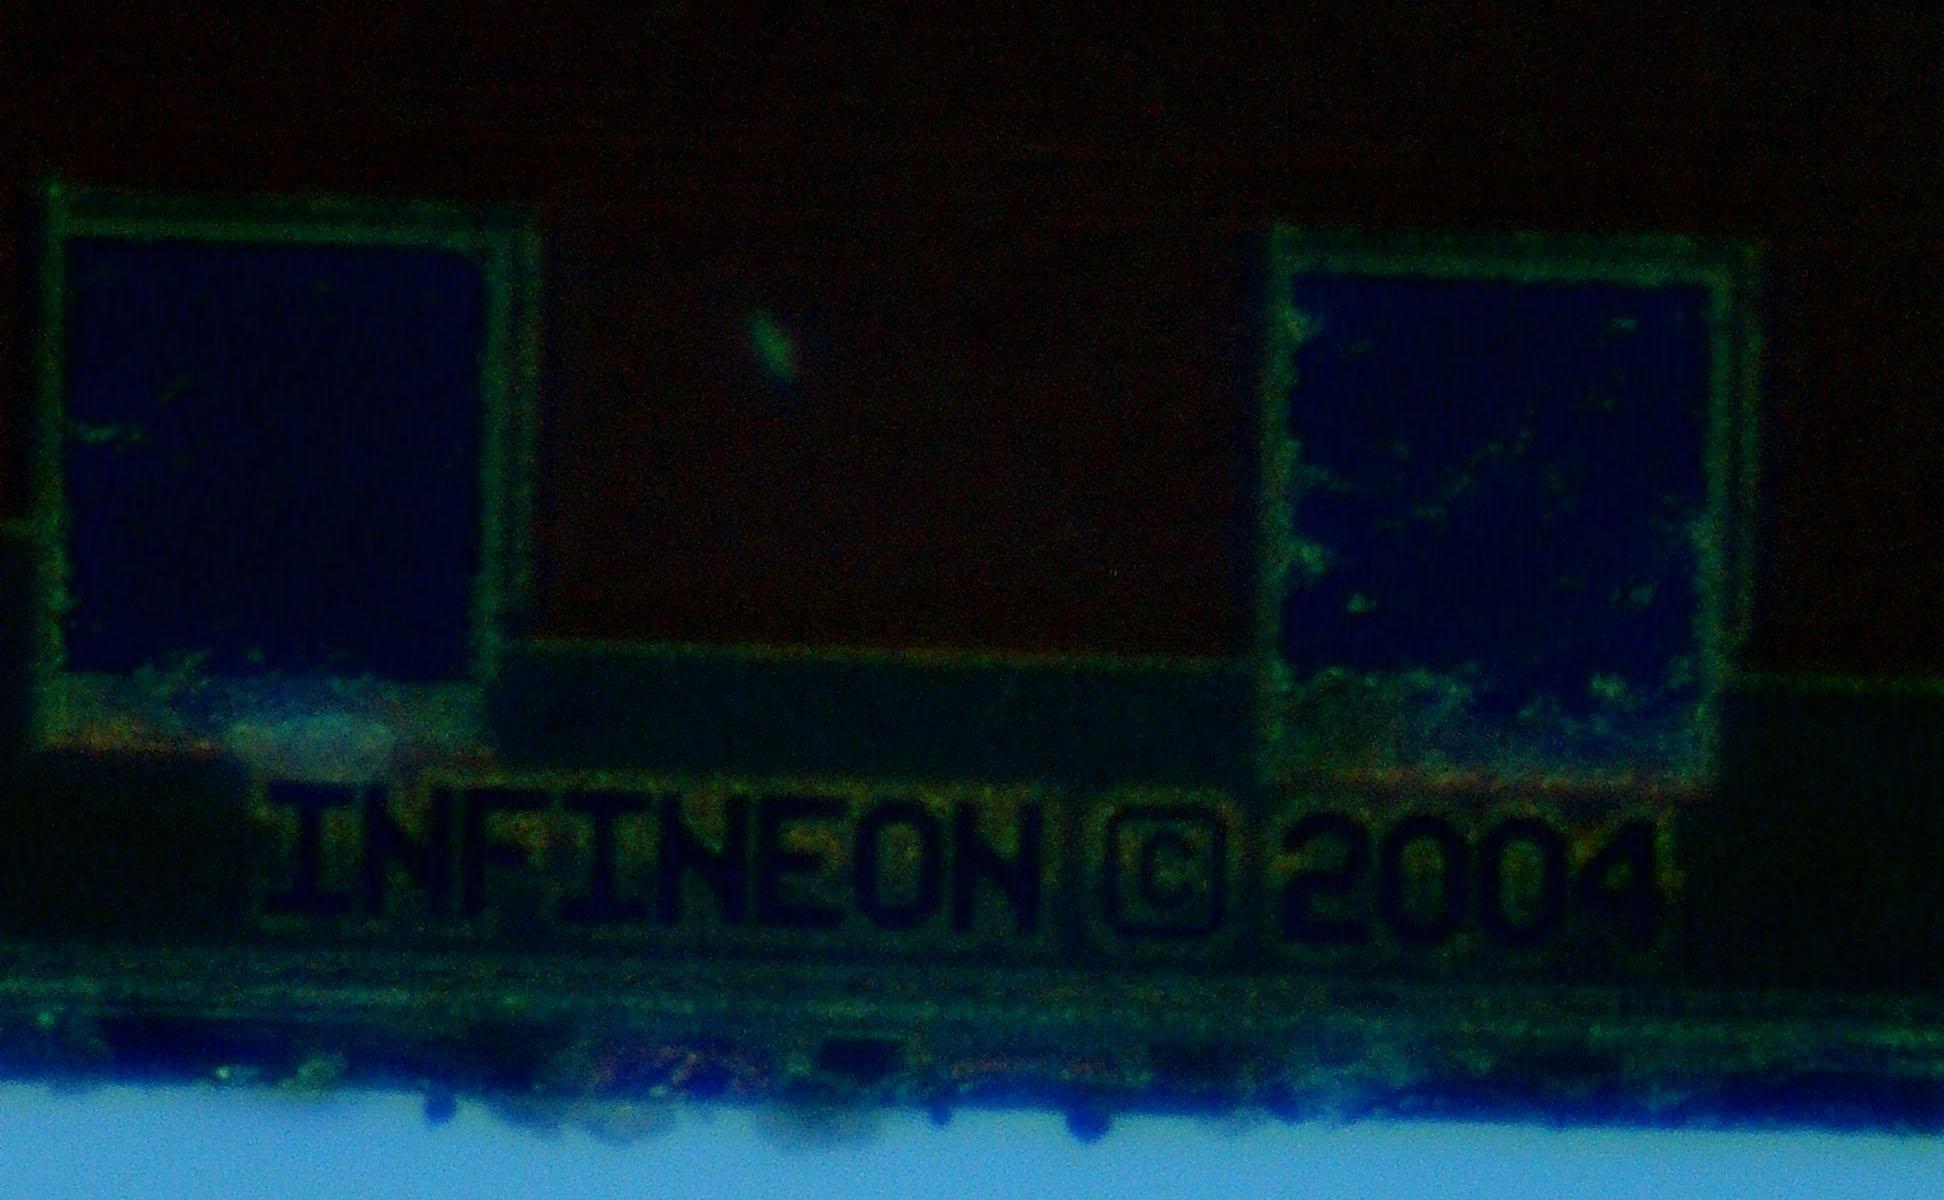 DIE%20INFINEON%20M8830-B1_2.jpg